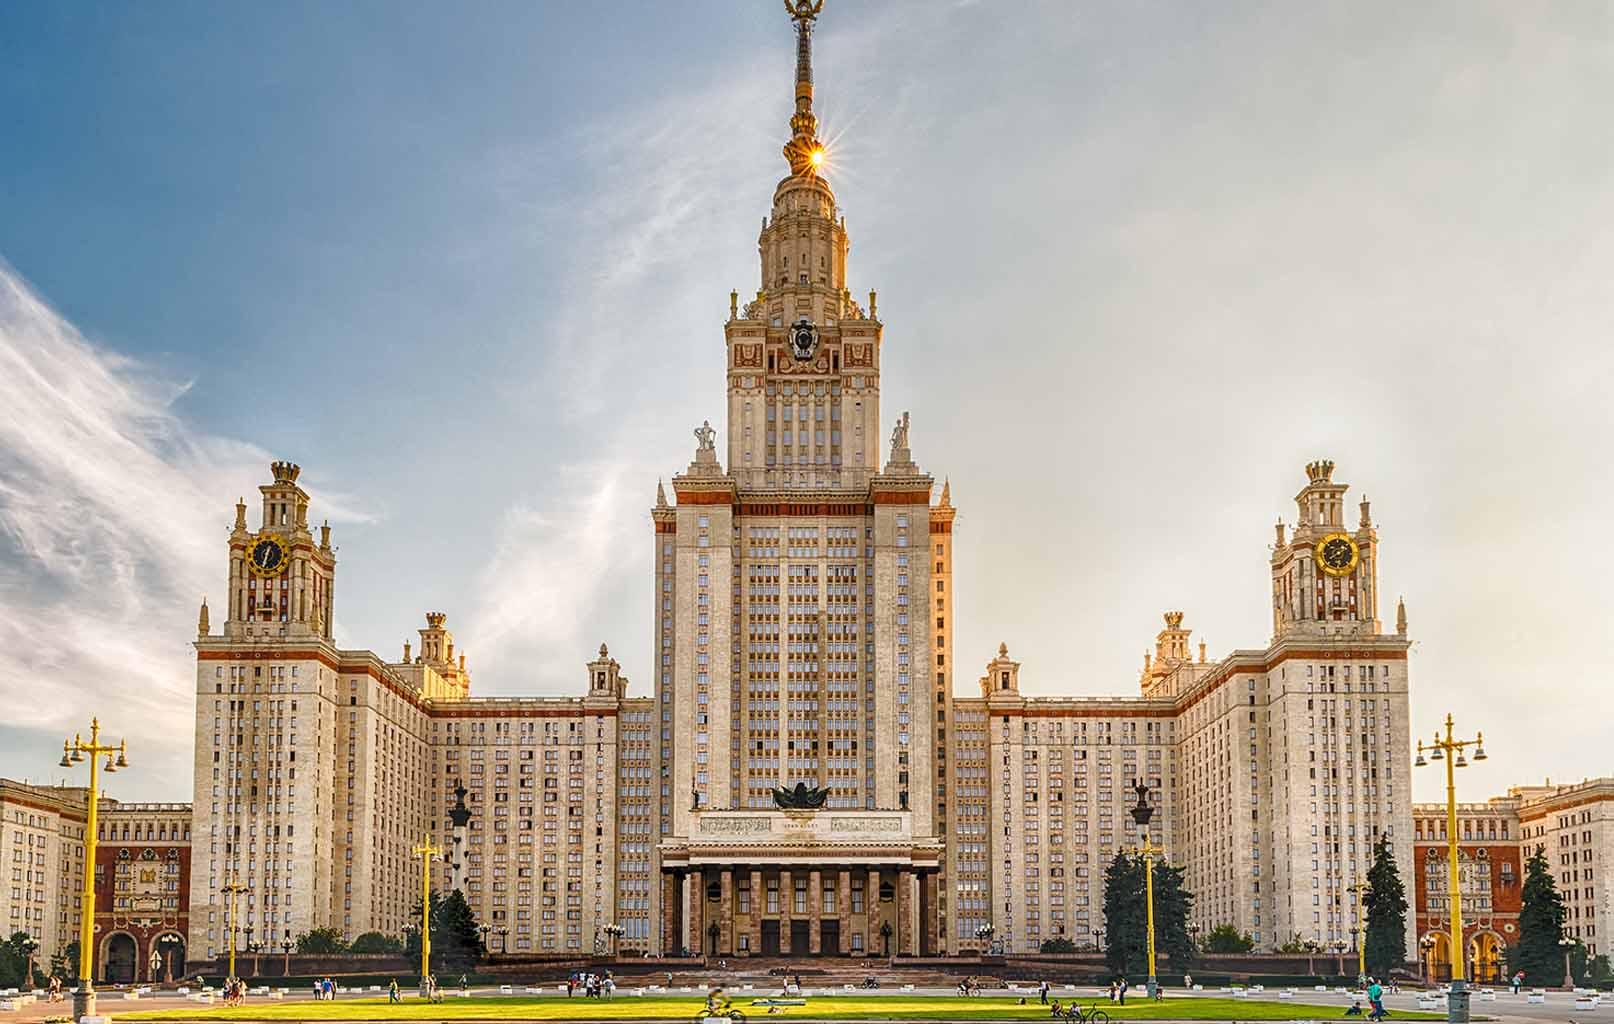 Kết quả hình ảnh cho Hình ảnh đẹp Nhà hát Bolshoi